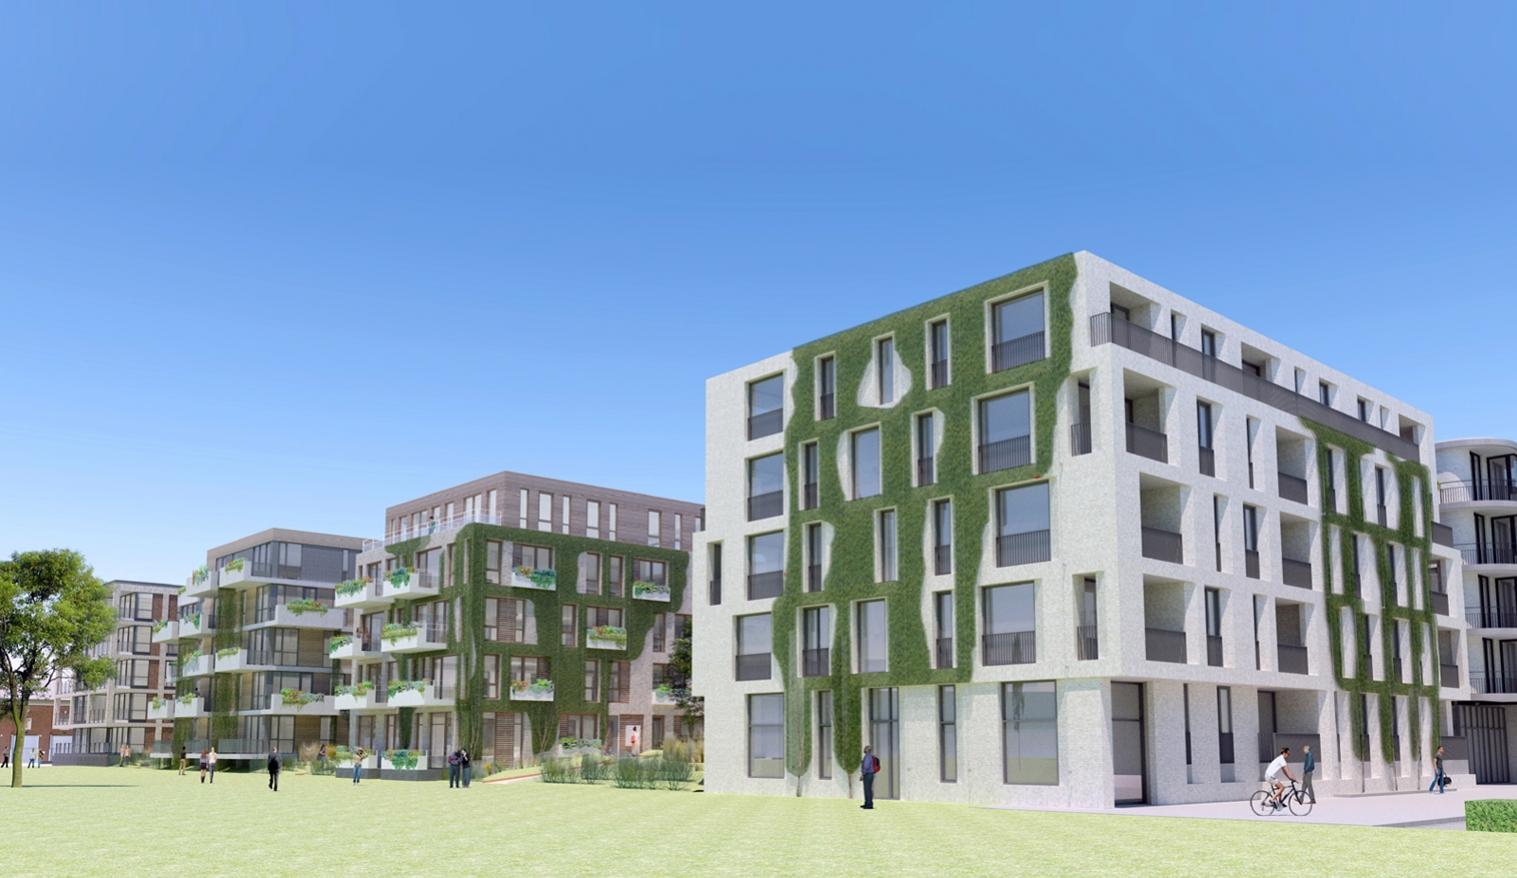 19 OPL Architecten_Cartesius Utrecht-1516×878-72dpi